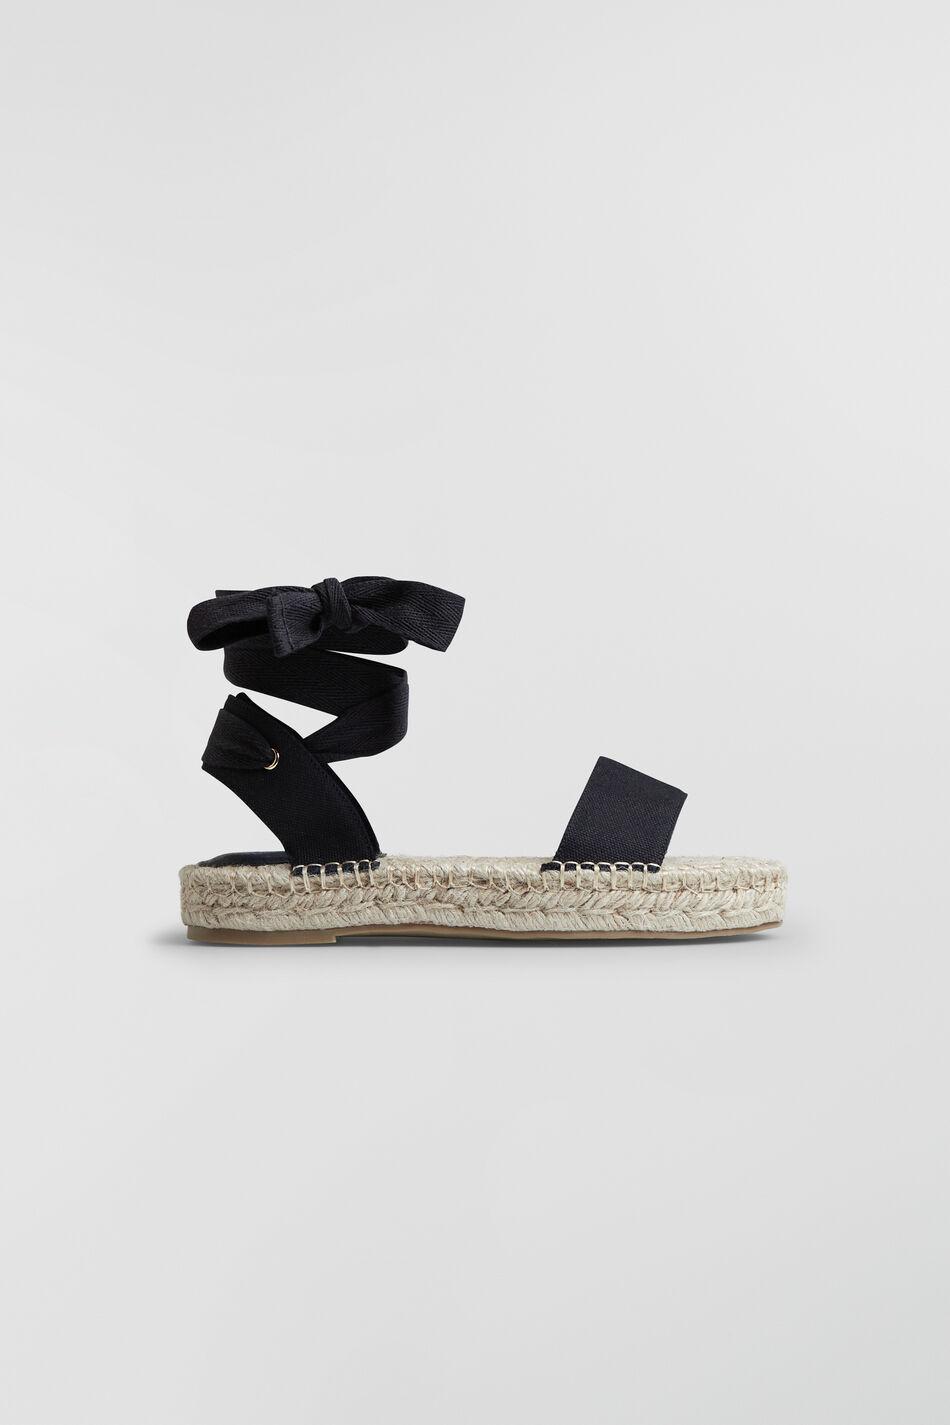 Gina Tricot Hilda lace up espandrilles 41 Female Black (9000)